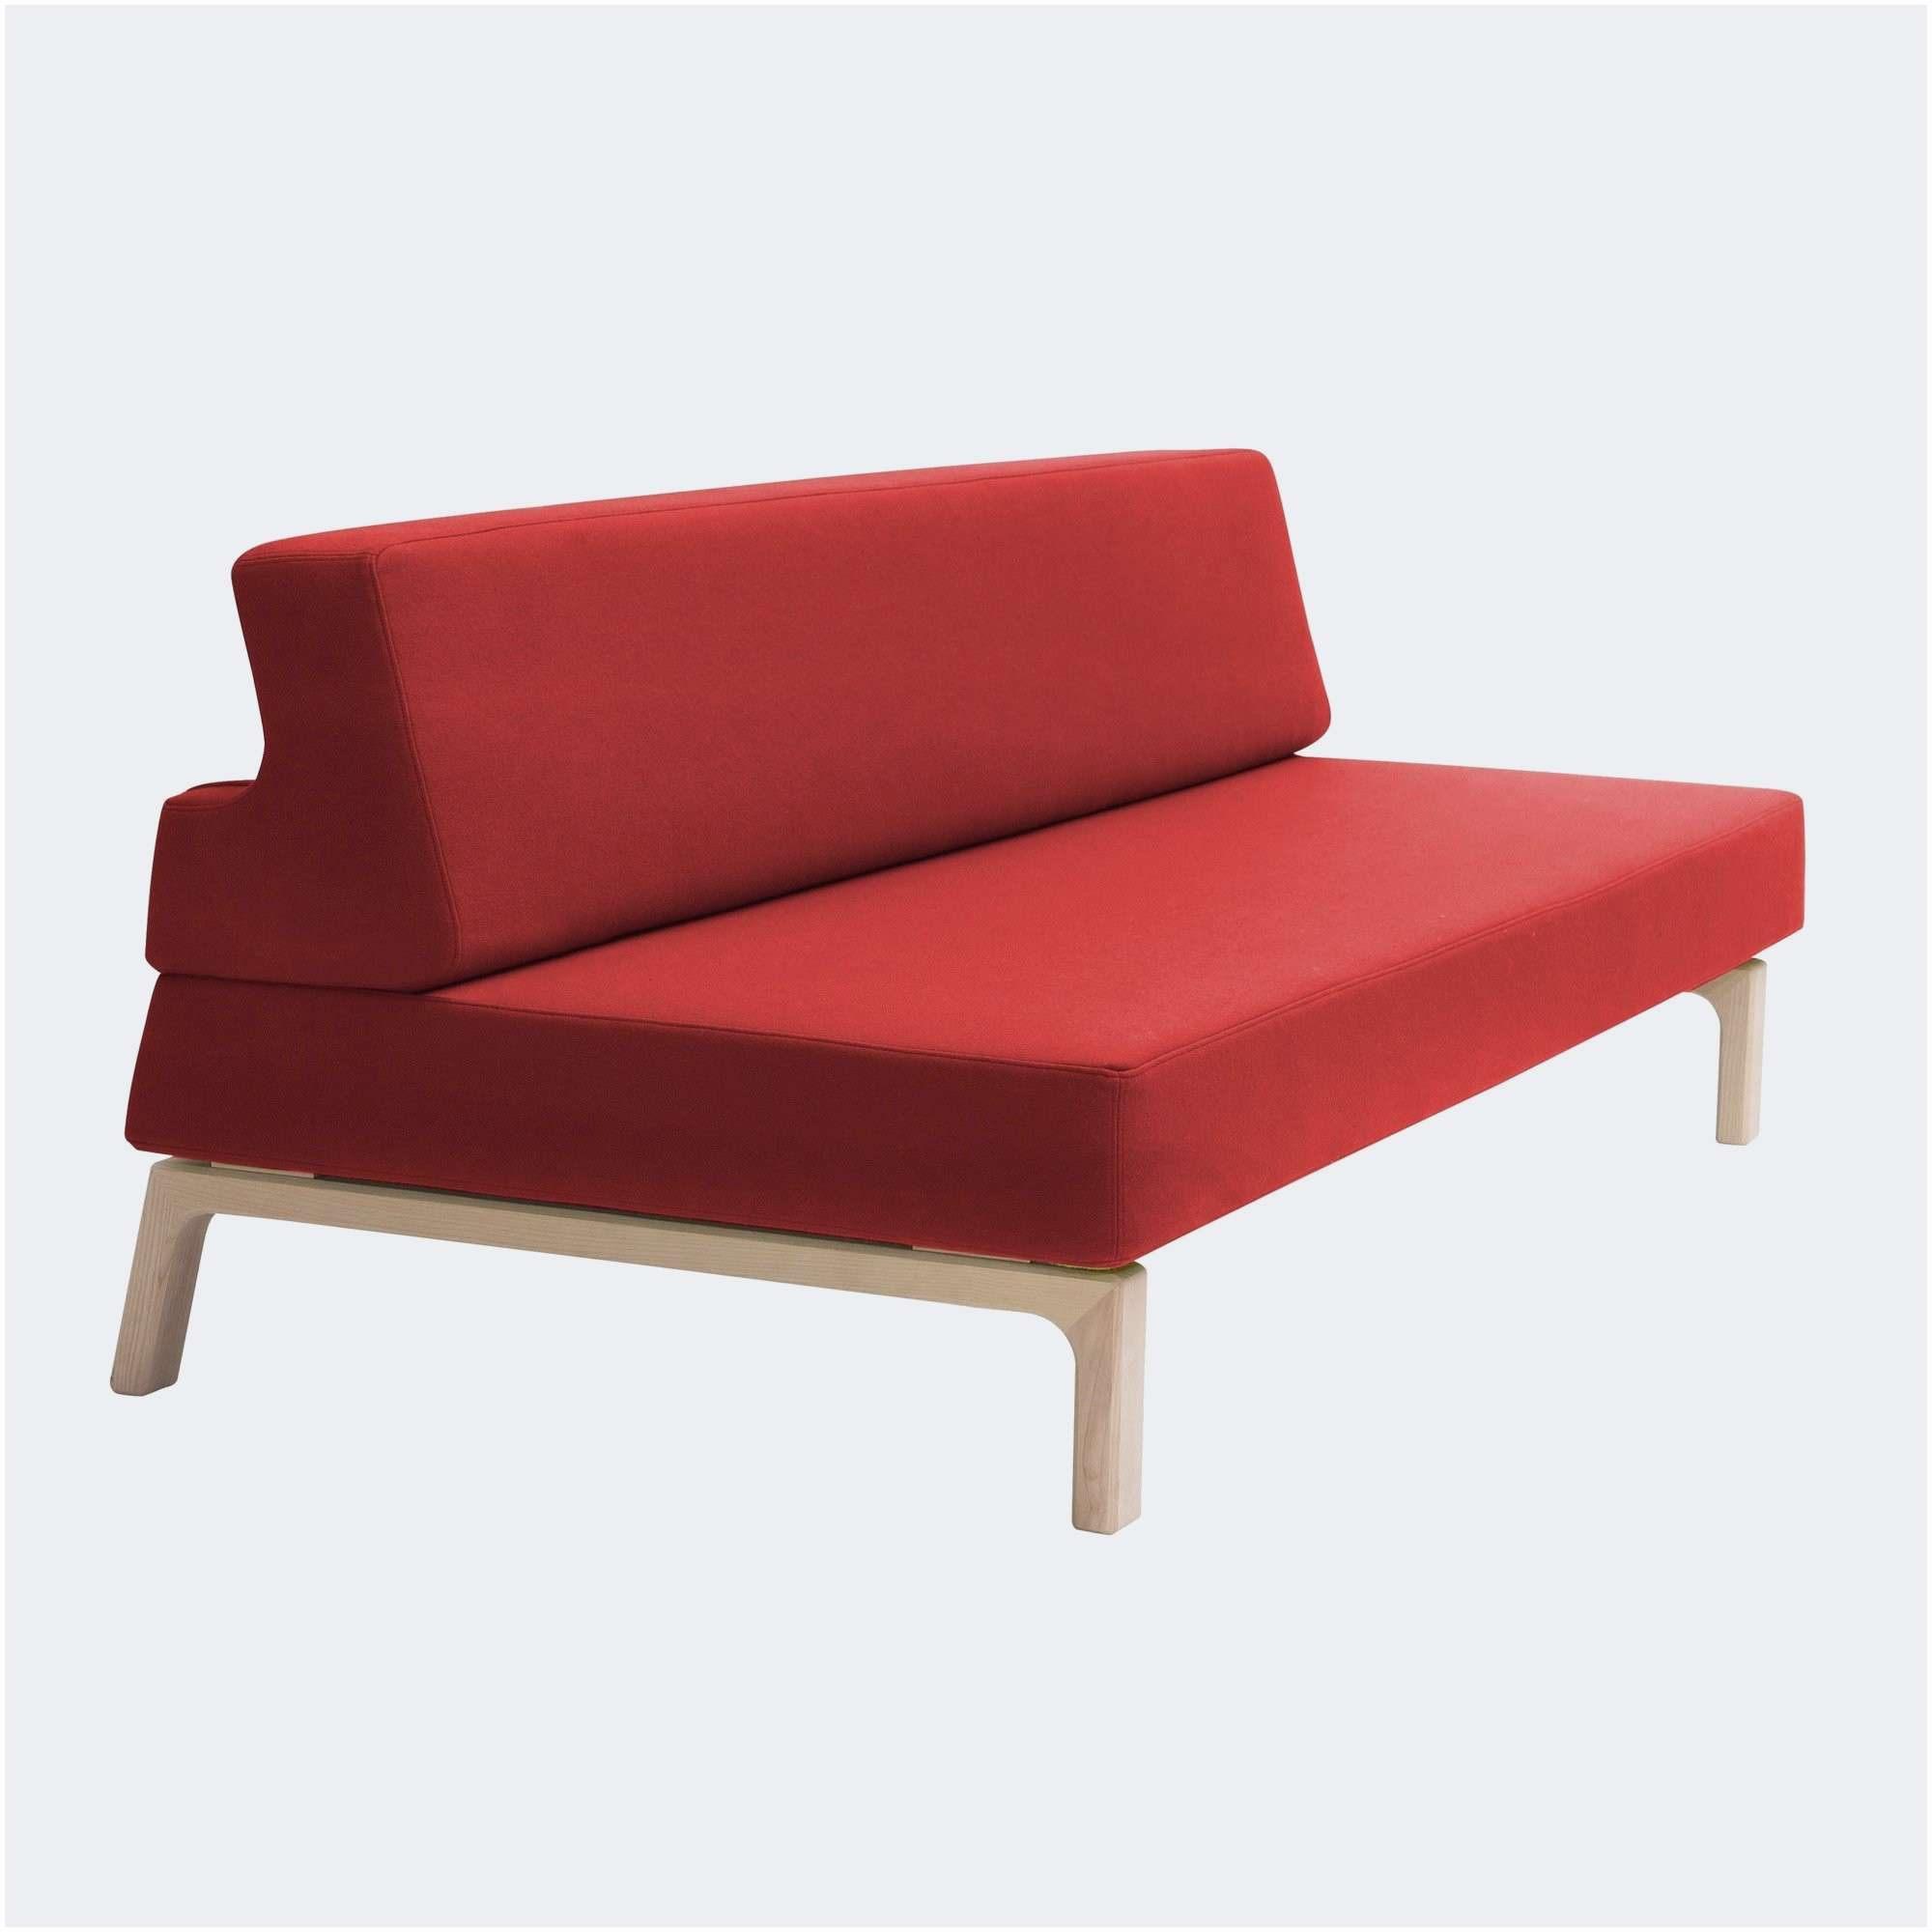 Canapé Lit D Appoint Beau Beau Canapé 2 Angles Canap Lit Rouge 3 C3 A9 Design Tgm872 ton Pour